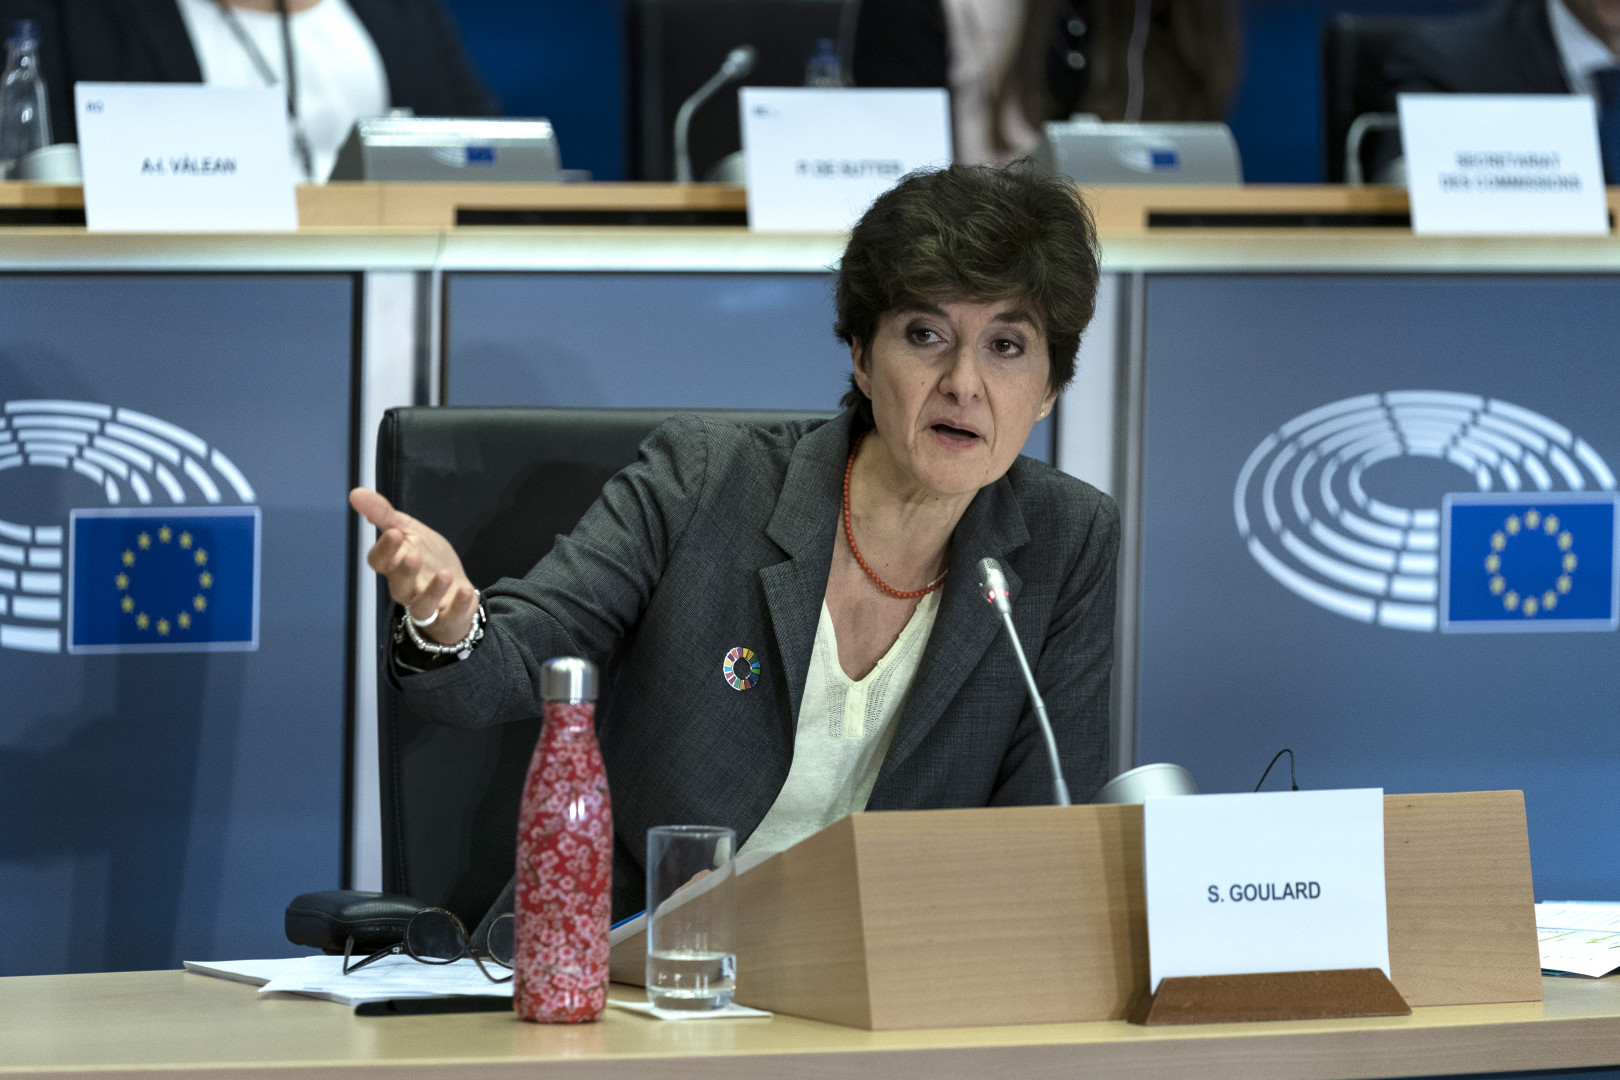 La candidature de Sylvie Goulard au poste de Commissaire européen au Marché intérieur a été rejetée, jeudi 10 octobre, lors d'une seconde audition.